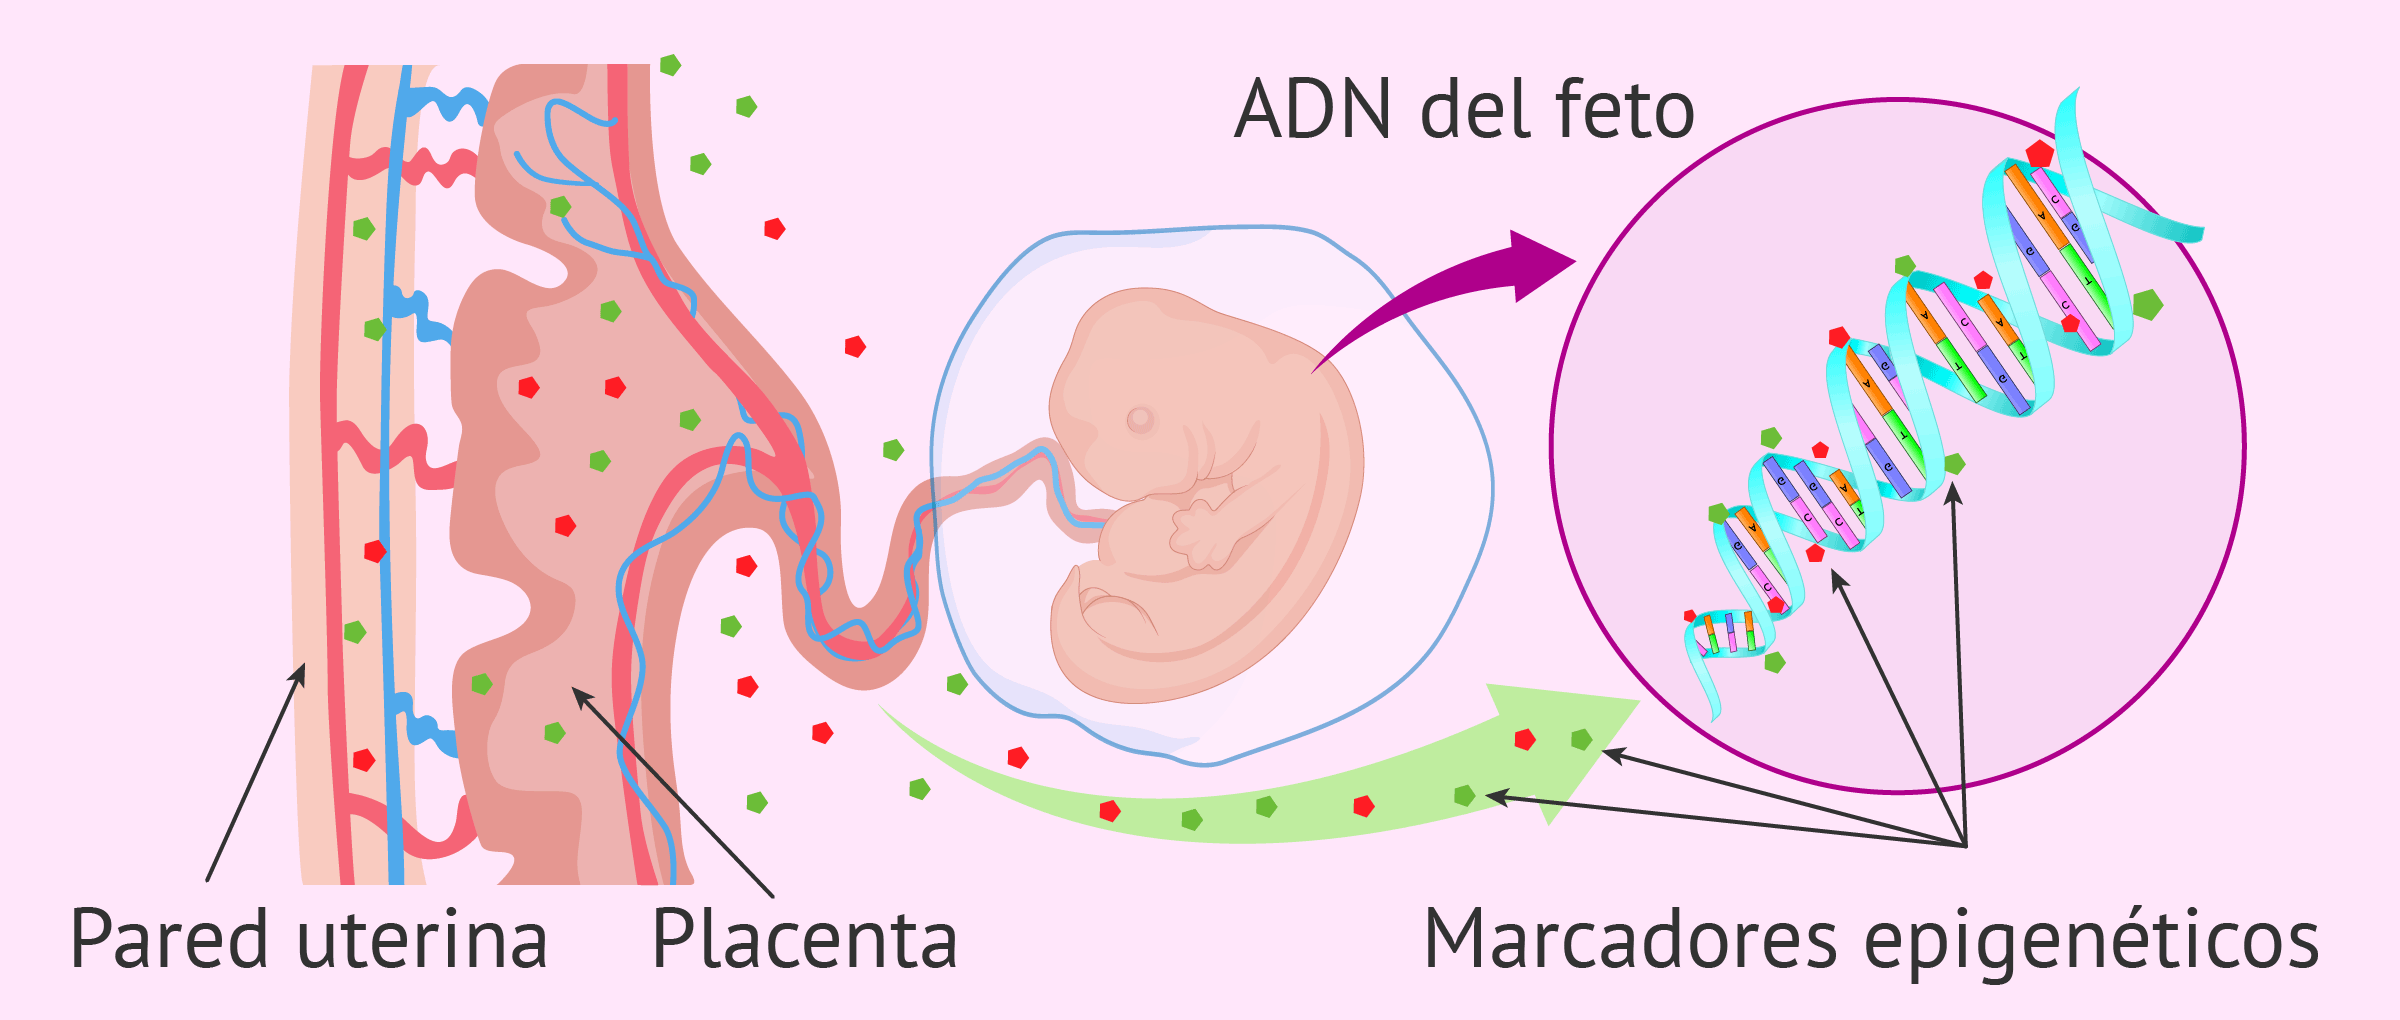 Durante el desarrollo uterino se producen modificaciones epigenéticas